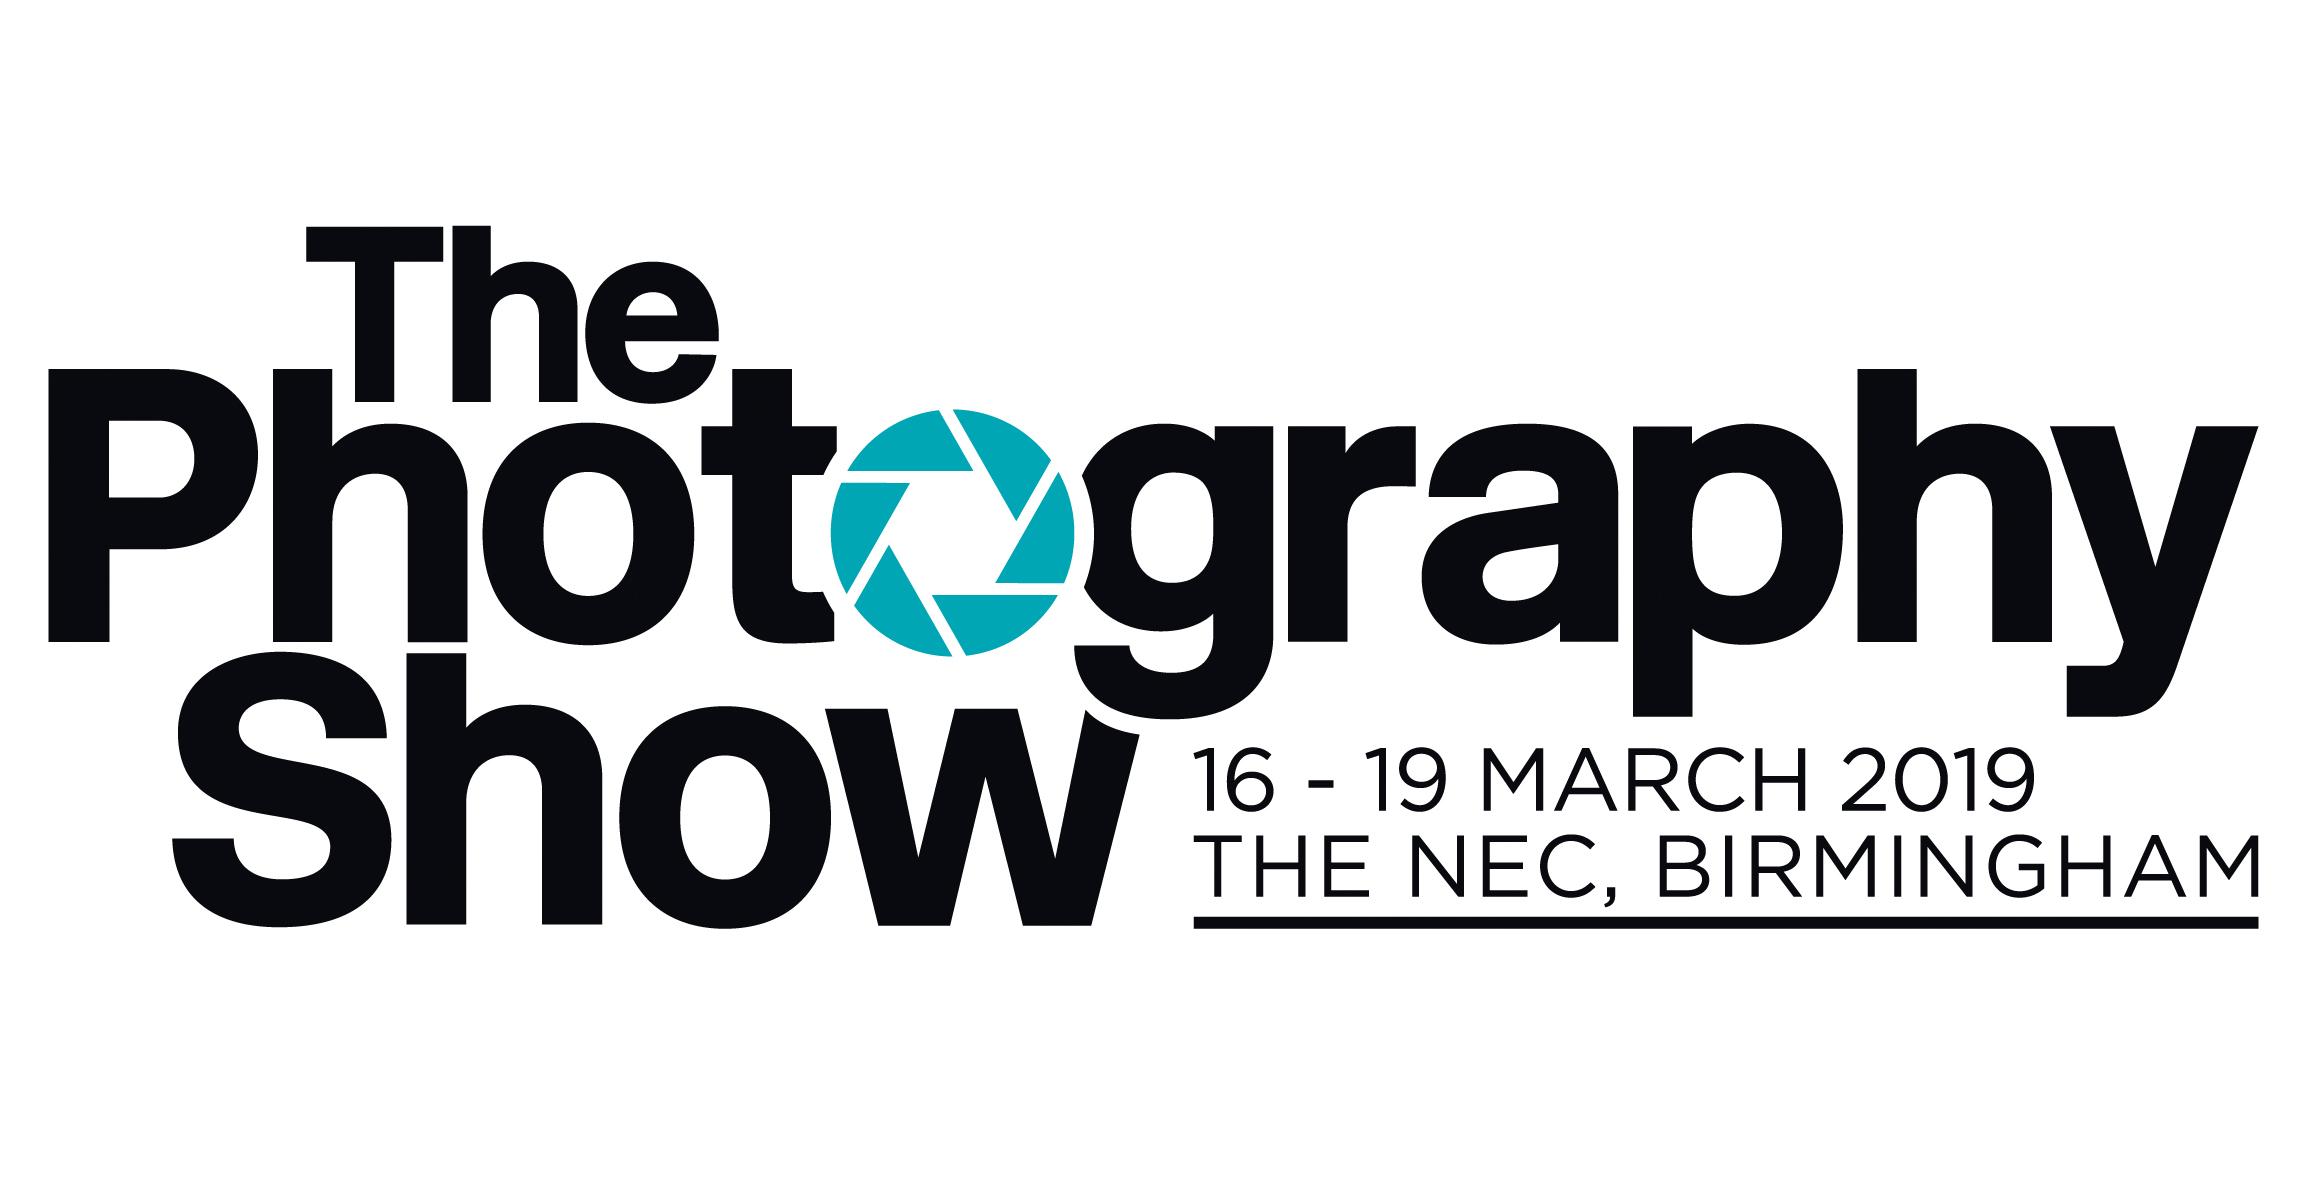 16 - 19 March 2019 The NEC, Birmingham